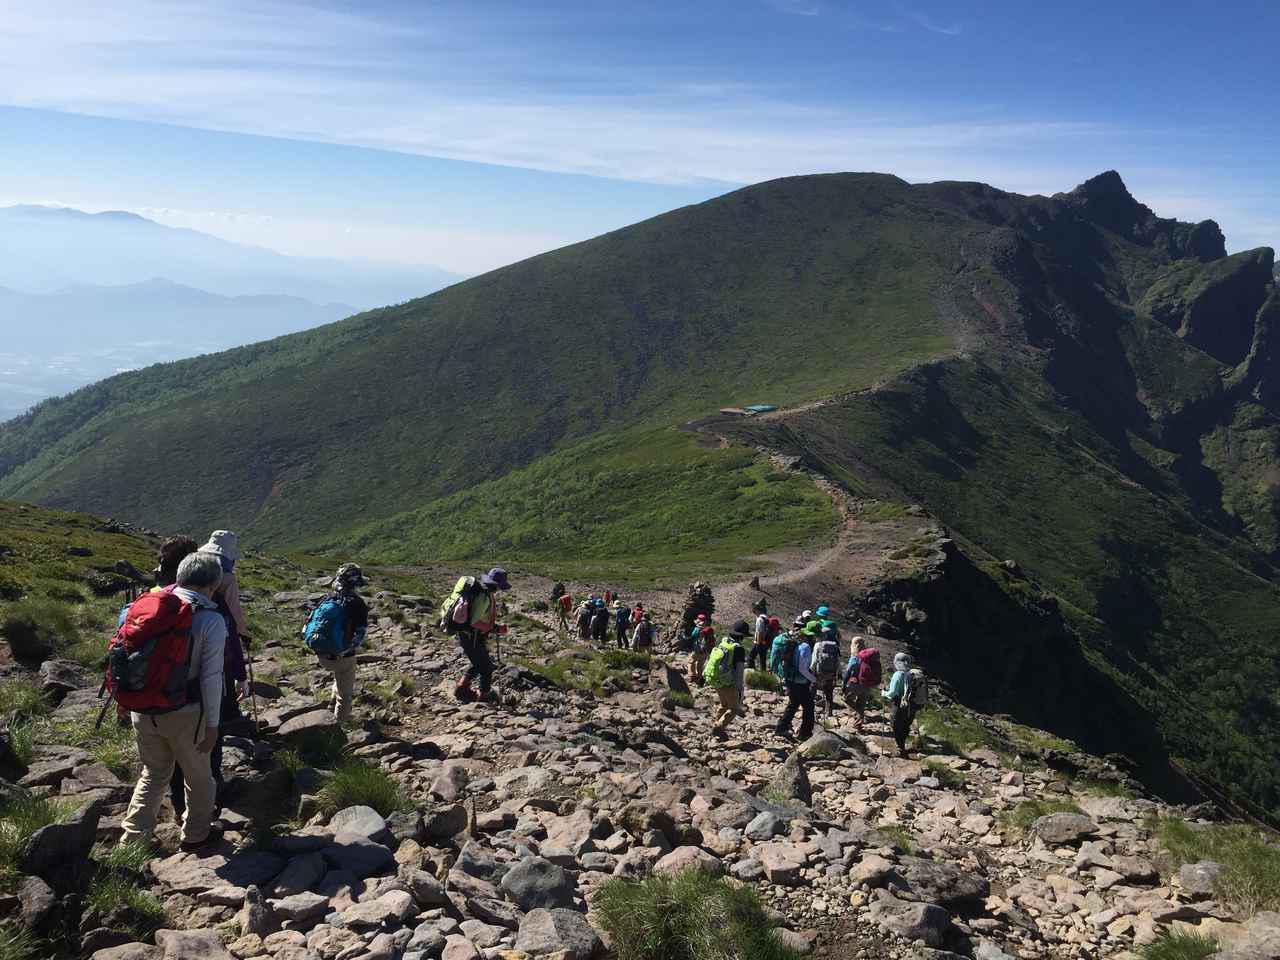 画像: 登山ツアーのメリット・デメリット|特徴・魅力を正直にお伝えします!